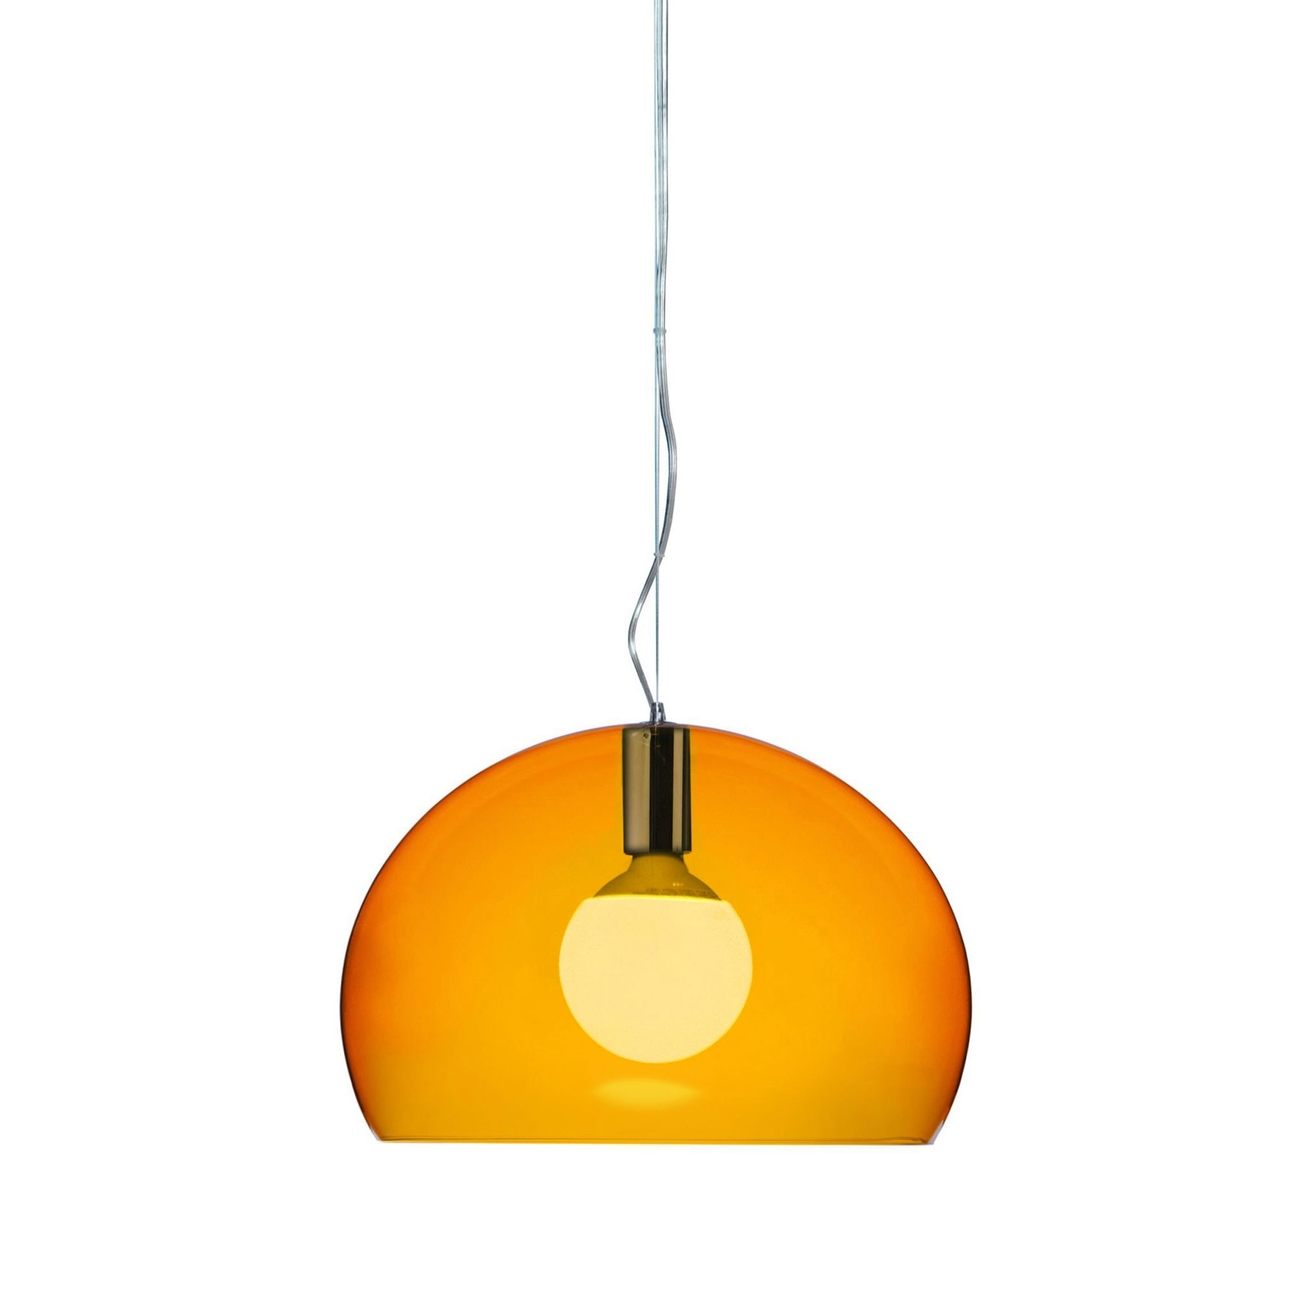 Kartell Small Fly hanglamp-Oranje